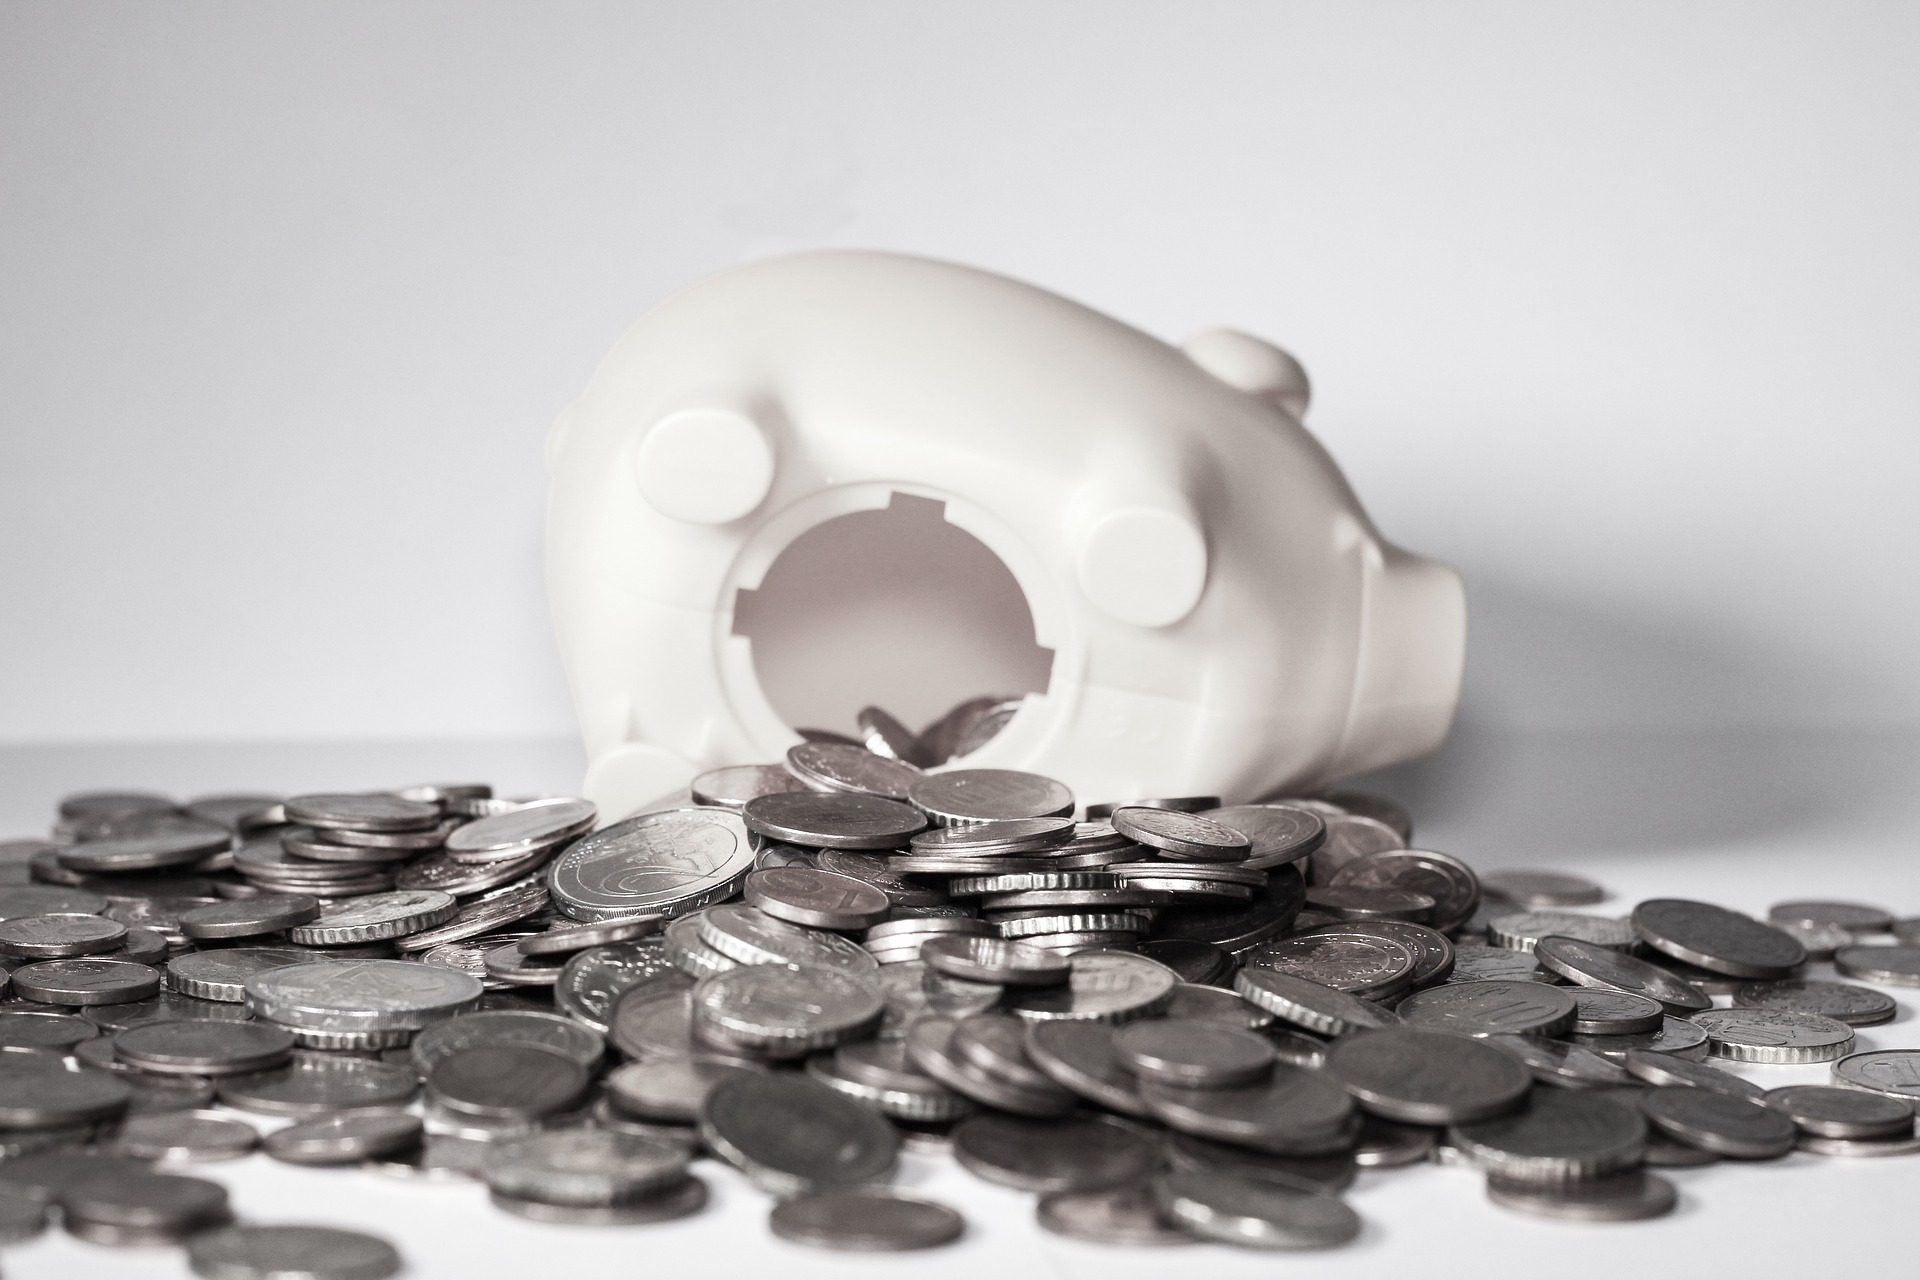 A svéjci bank üttörő a kriptopénz és a bankszektor kapcsolatában